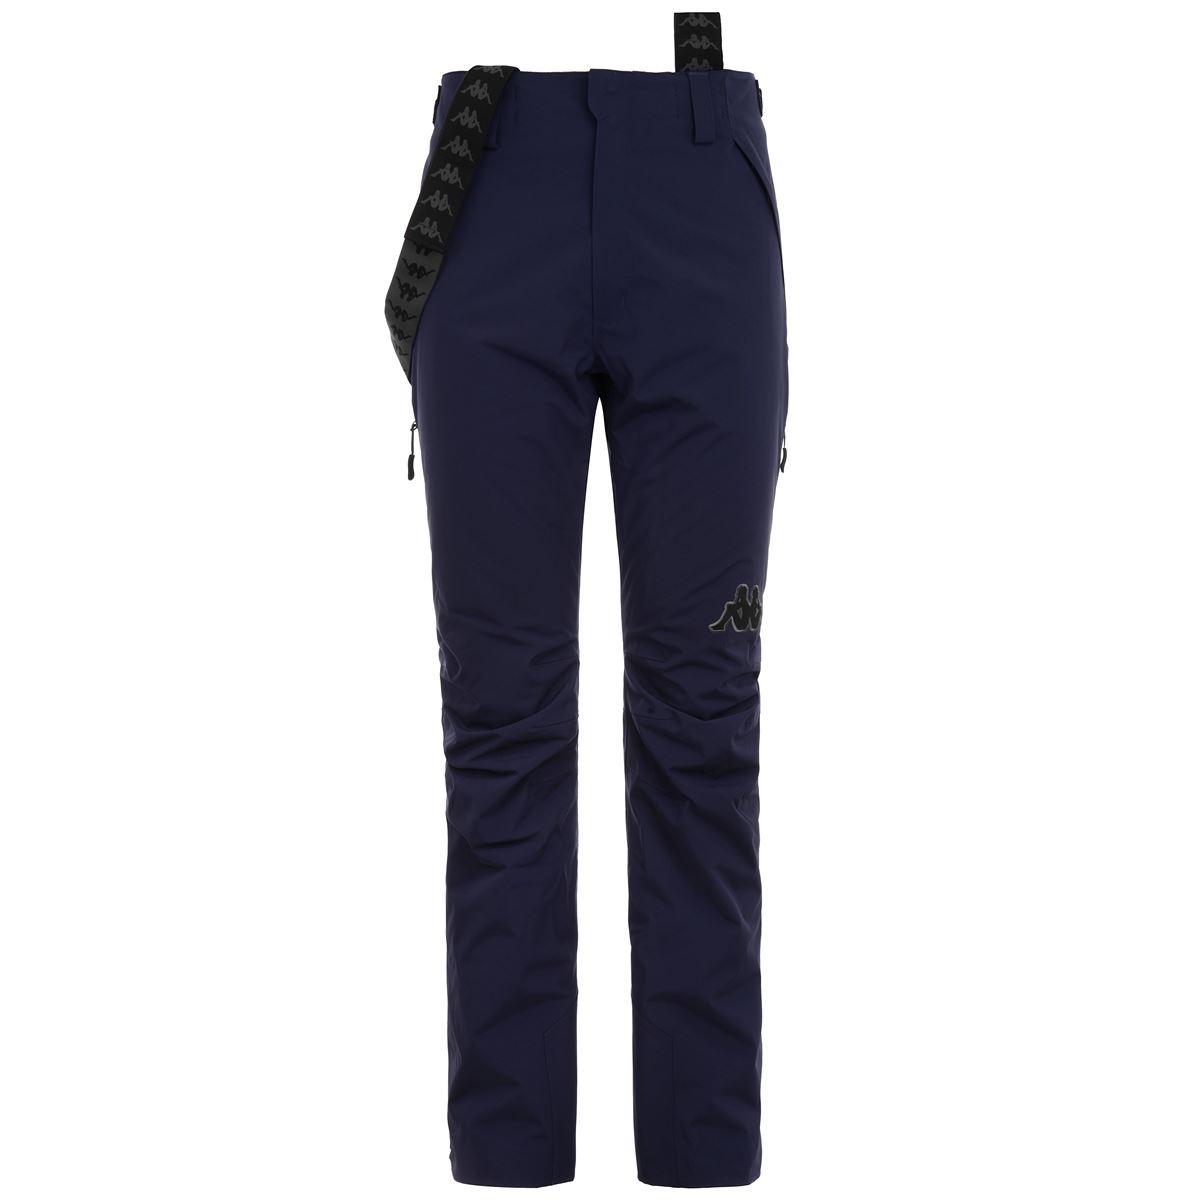 Kappa Pantaloni uomo-304MWP0